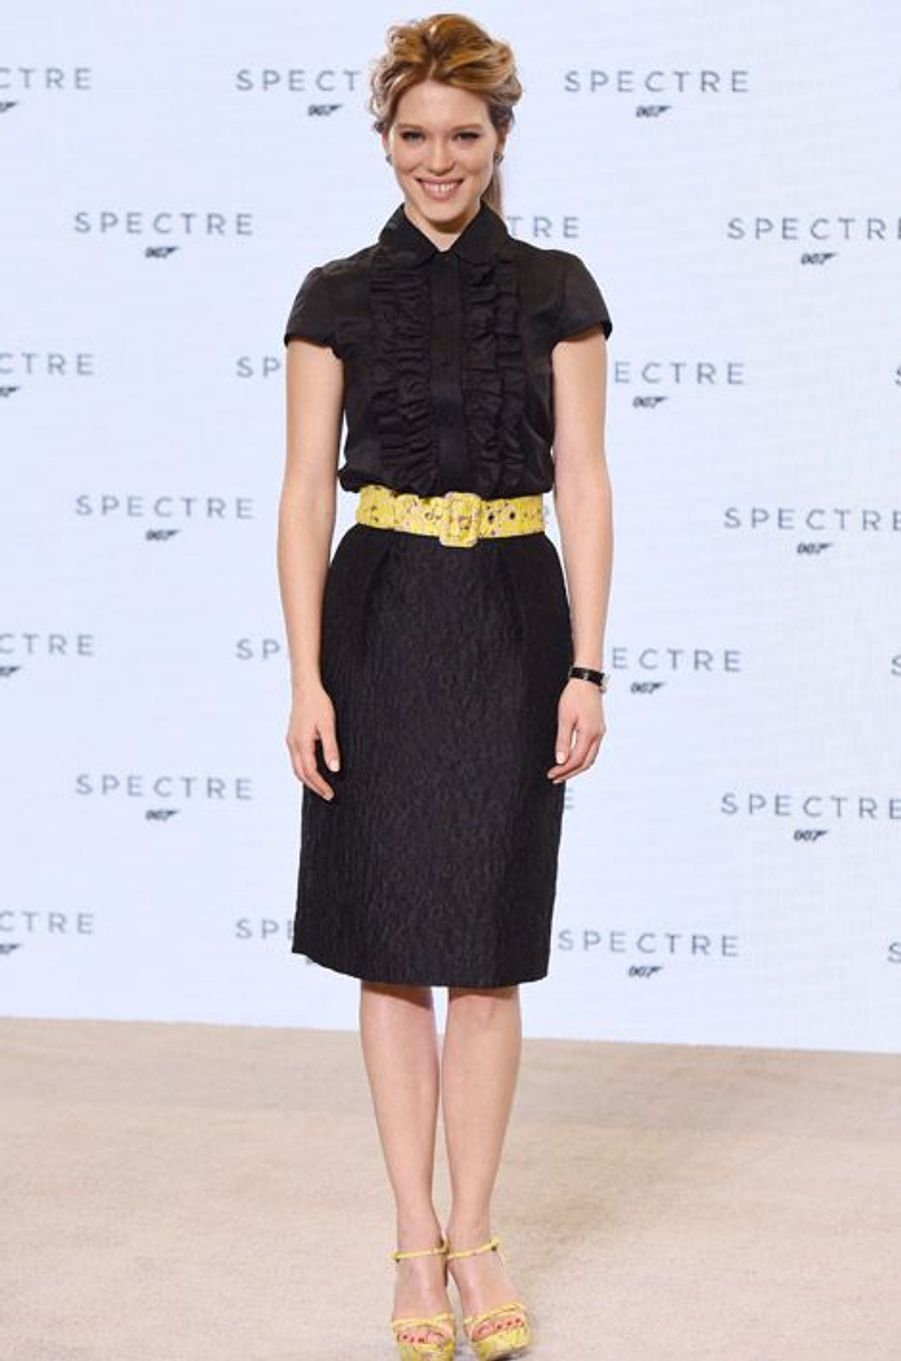 """L'actrice Léa Seydoux, en Miu Miu, à la présentation du prochain James Bond, """"Spectre"""", à Londres, le 4 décembre 2014"""